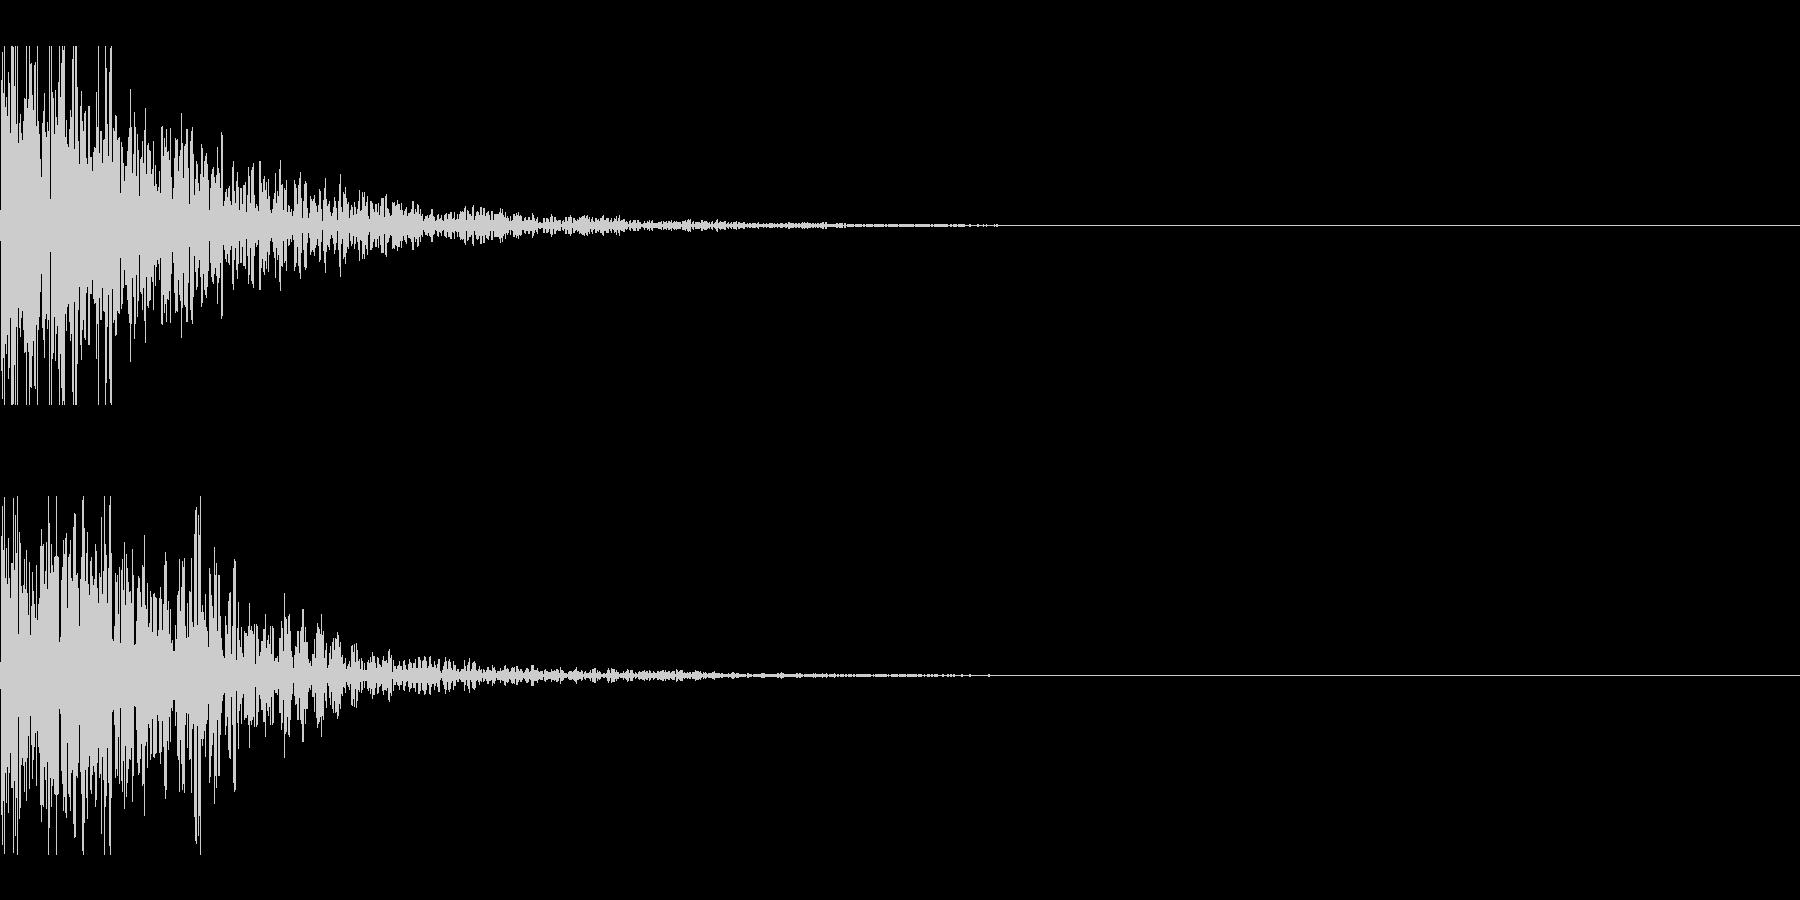 和太鼓 ドドン05の未再生の波形